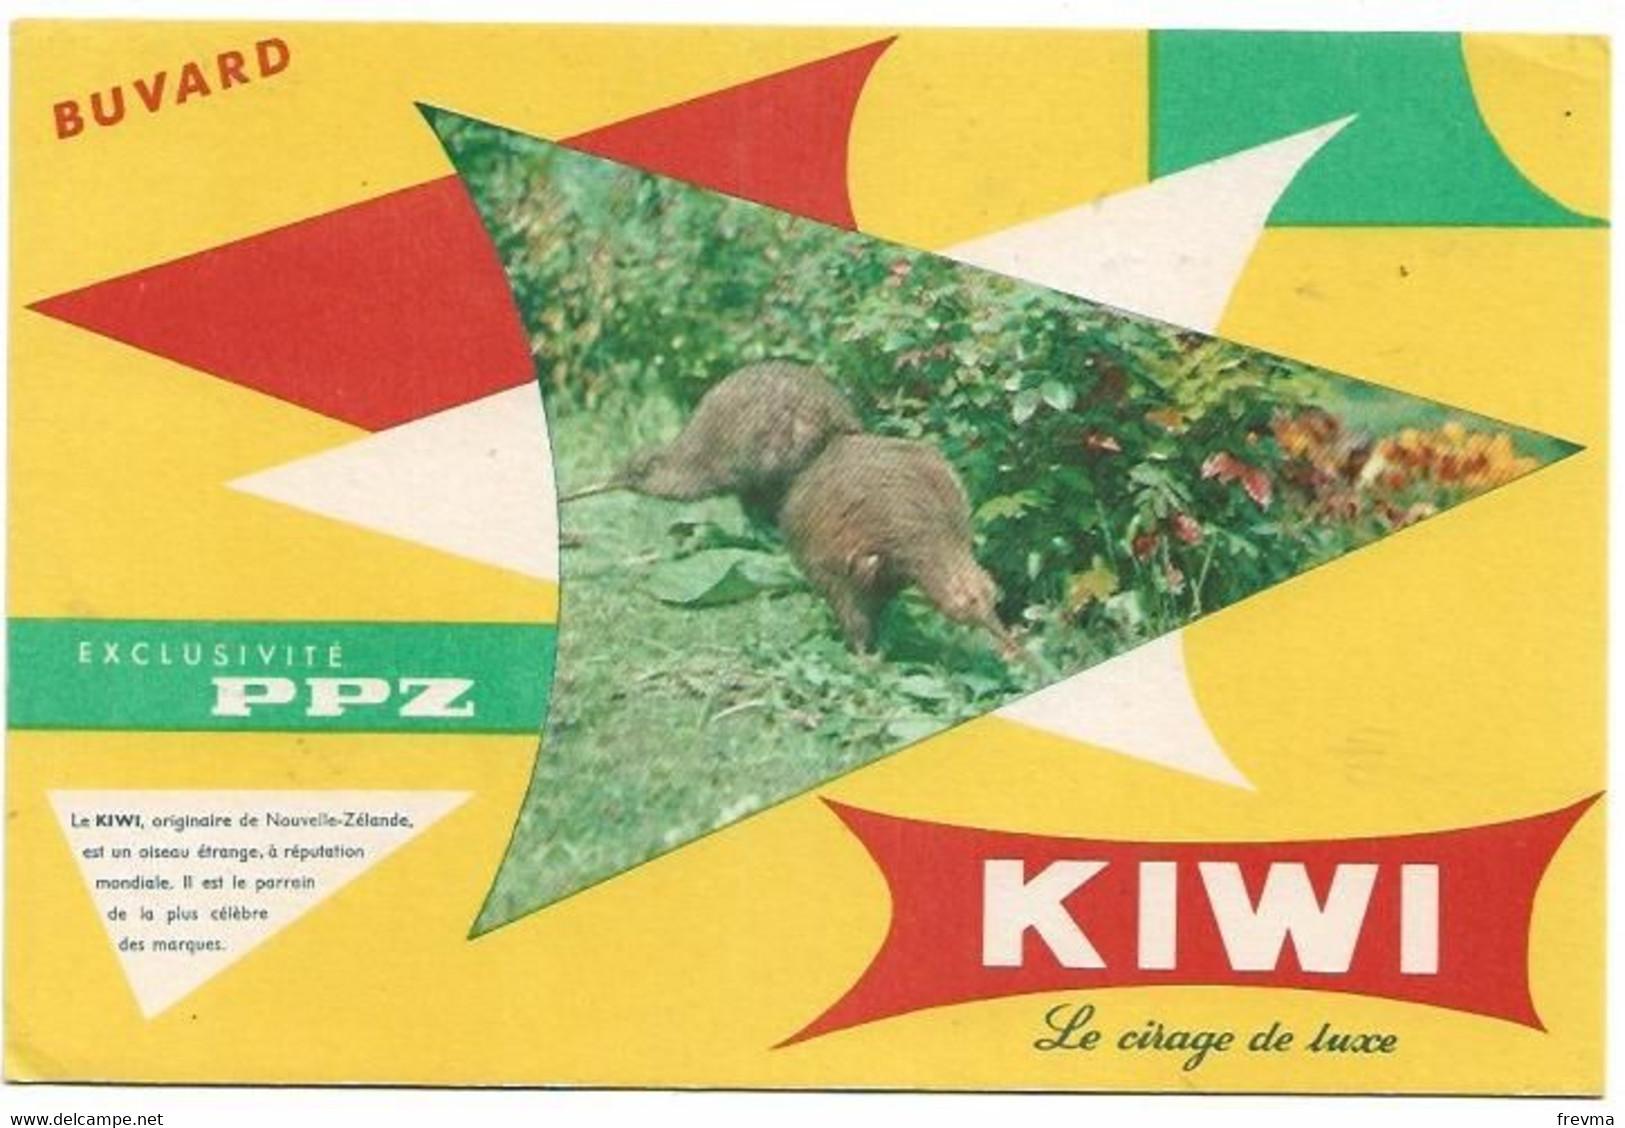 Buvard Kiwi Le Cirage De Luxe - K